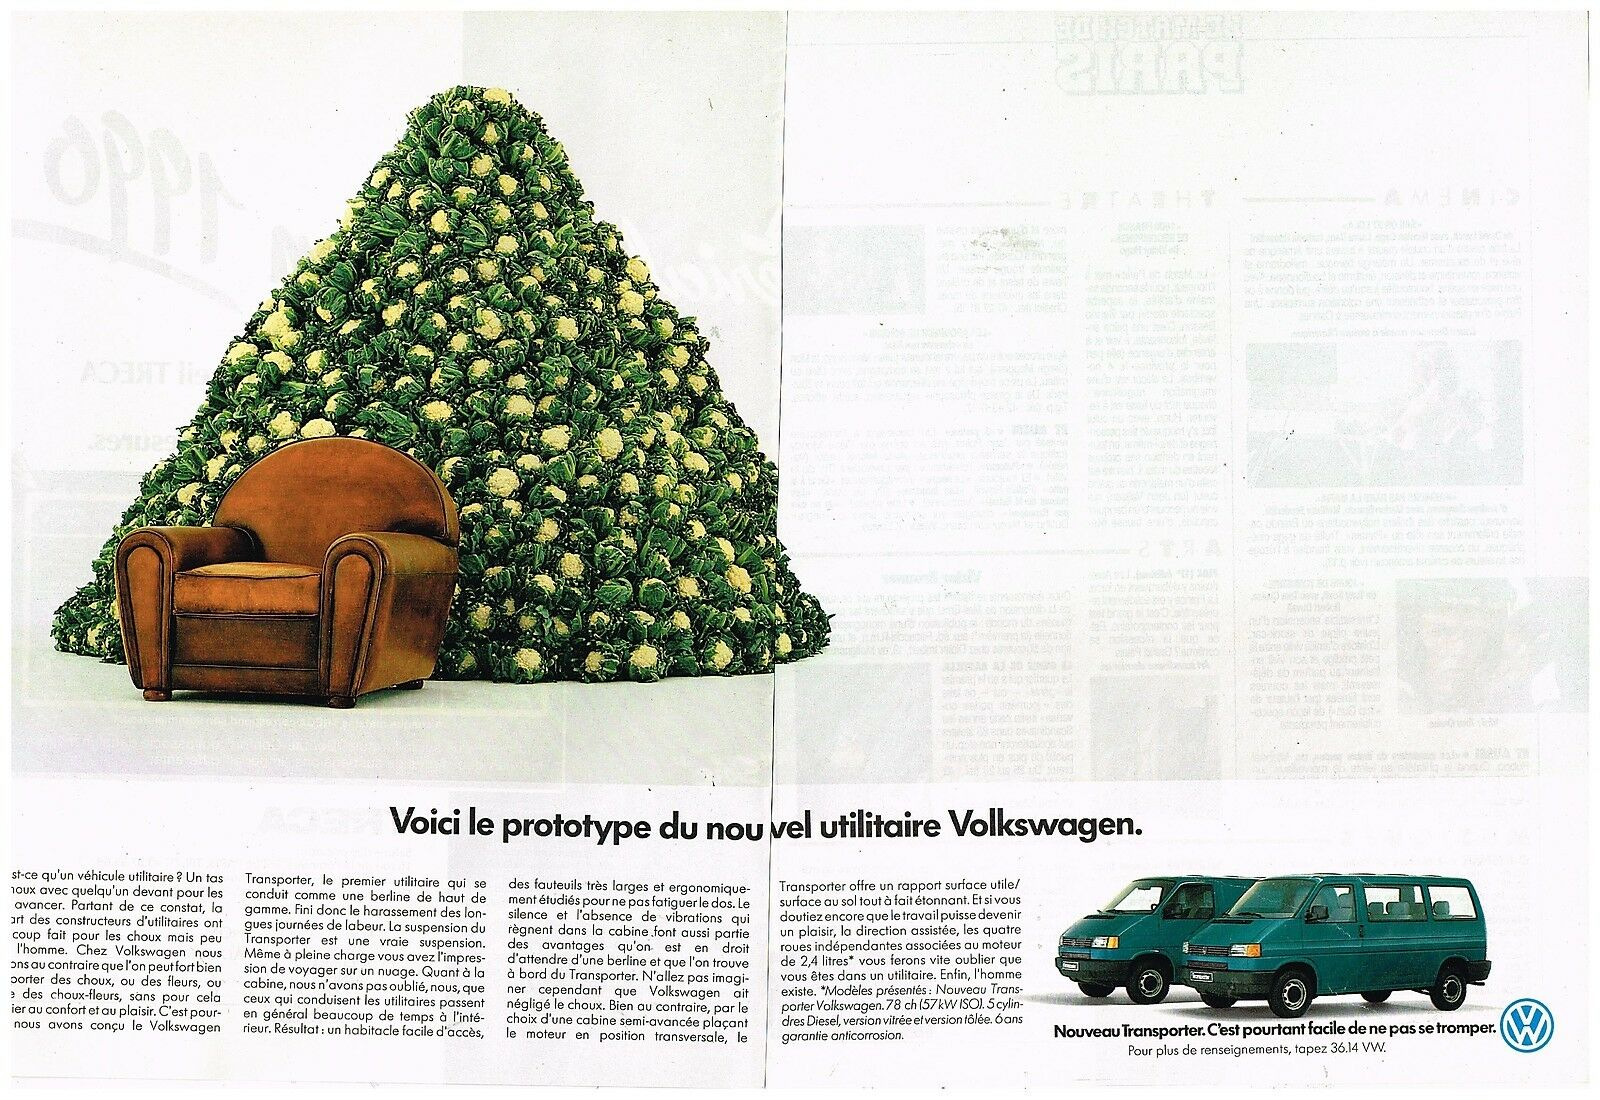 1990 Volkswagen utilitaire Transporter